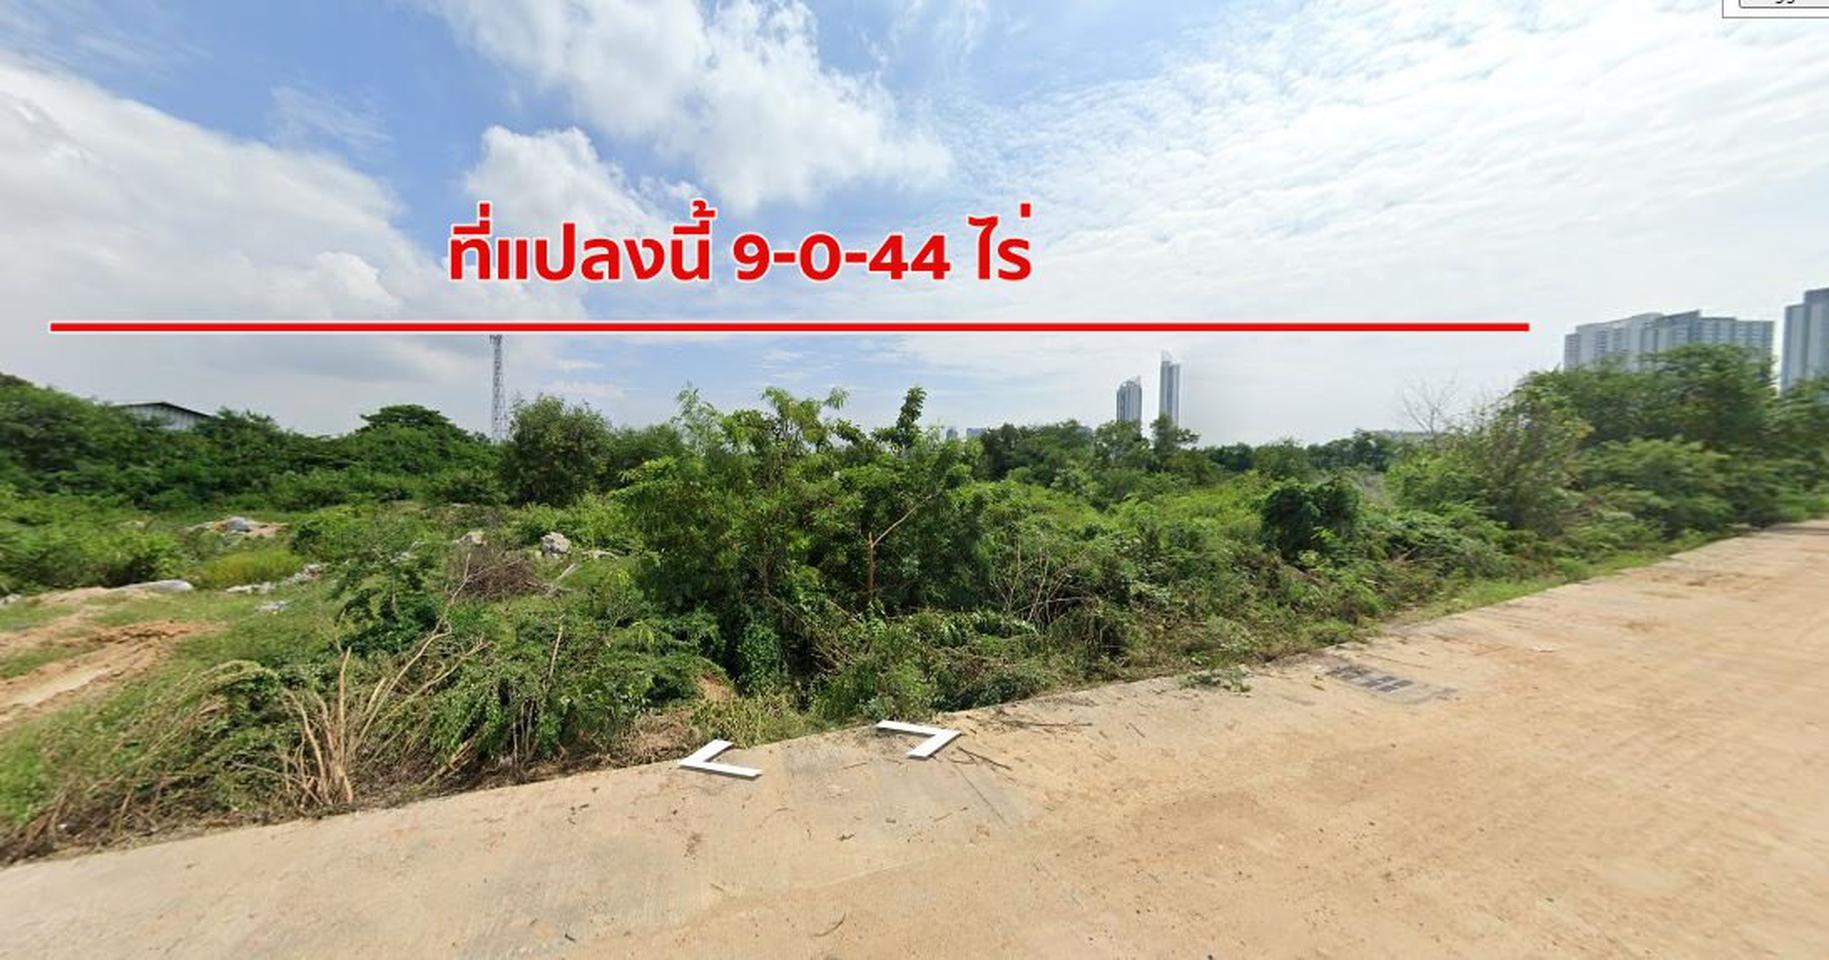 ขายที่ดินทำเลดี ติดถนนสุขุมวิท-พัทยา  9-0-44 ไร่ ใกล้หาดจอมเทียน พัทยา ชลบุรี รูปที่ 3